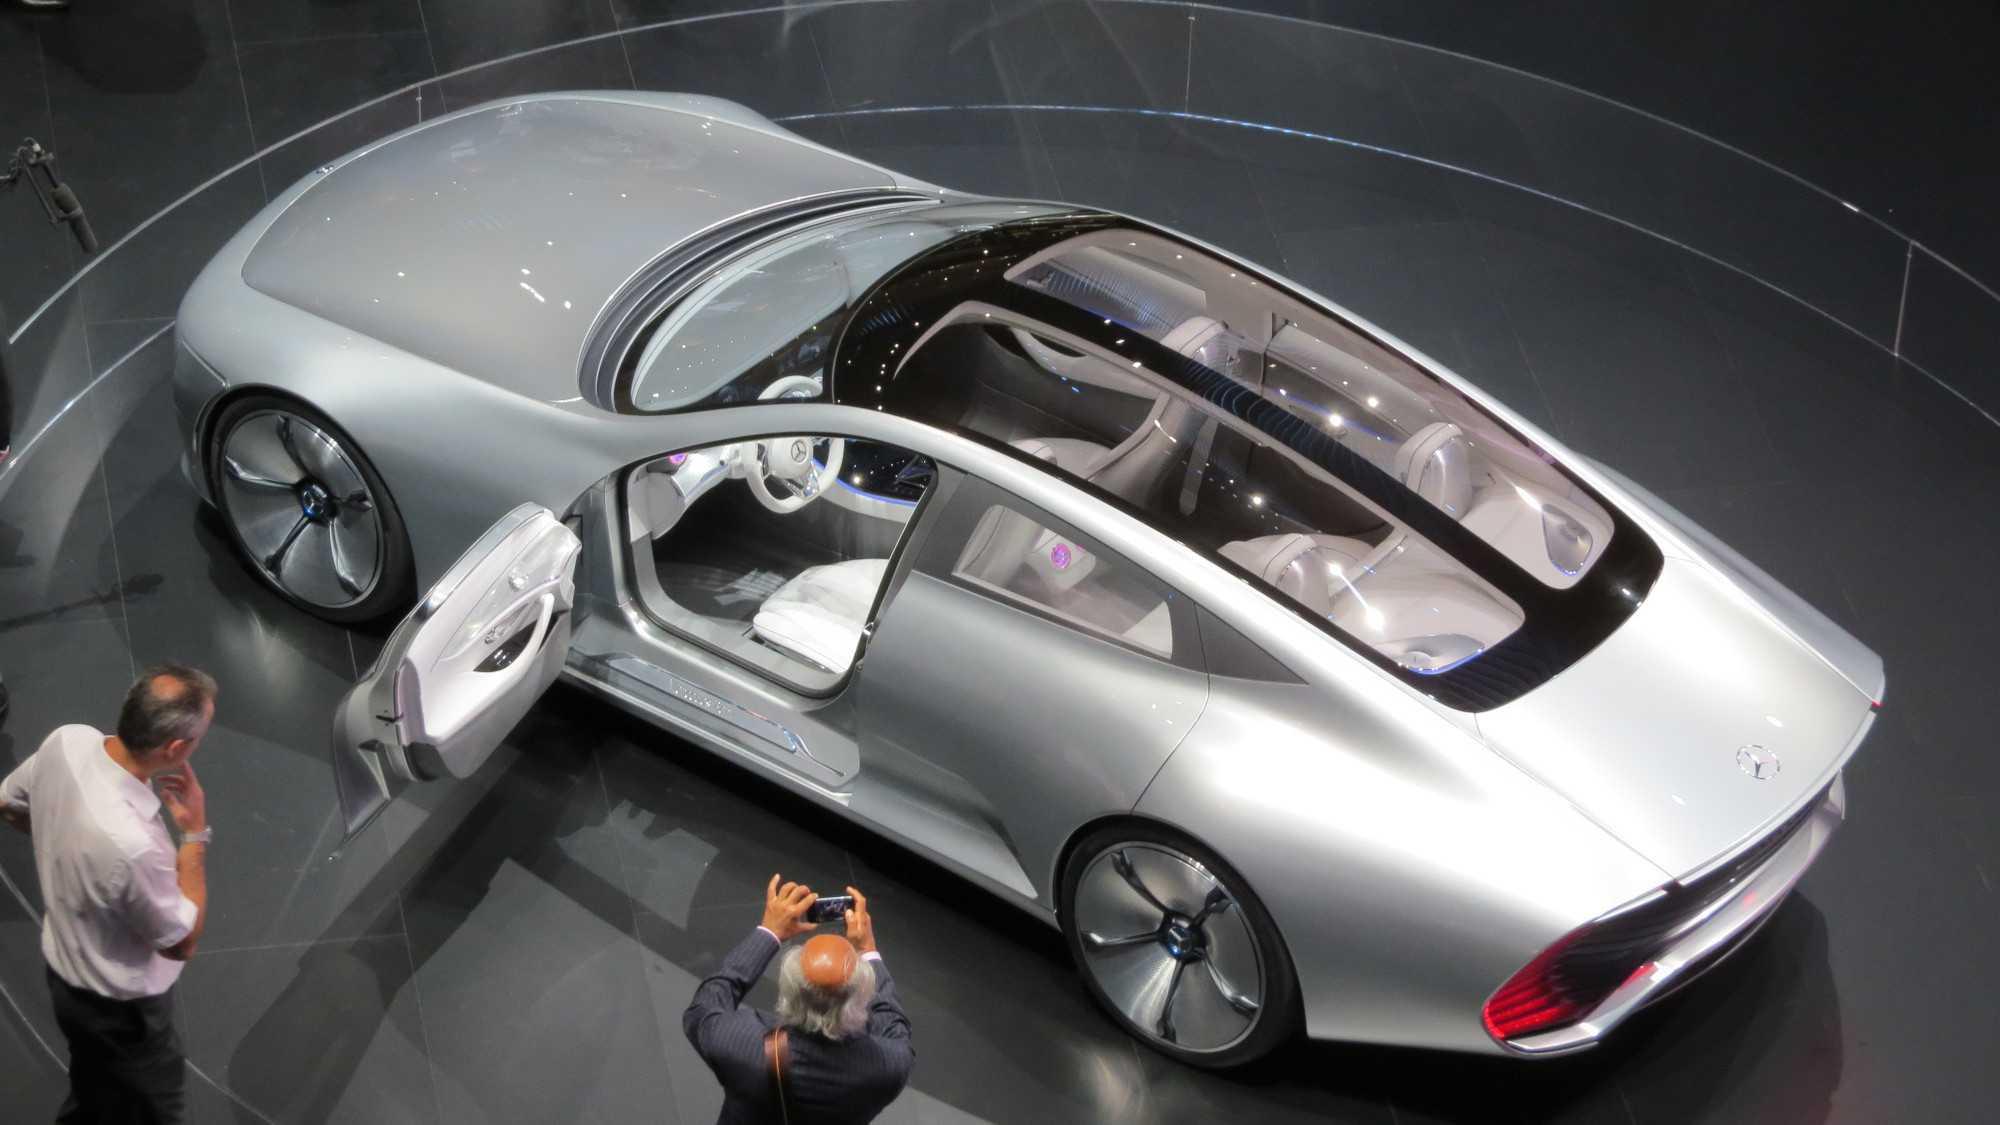 Die Fahrzeuge der Zukunft sollen Teil des Internet of Things sein und Daten in die Cloud senden...